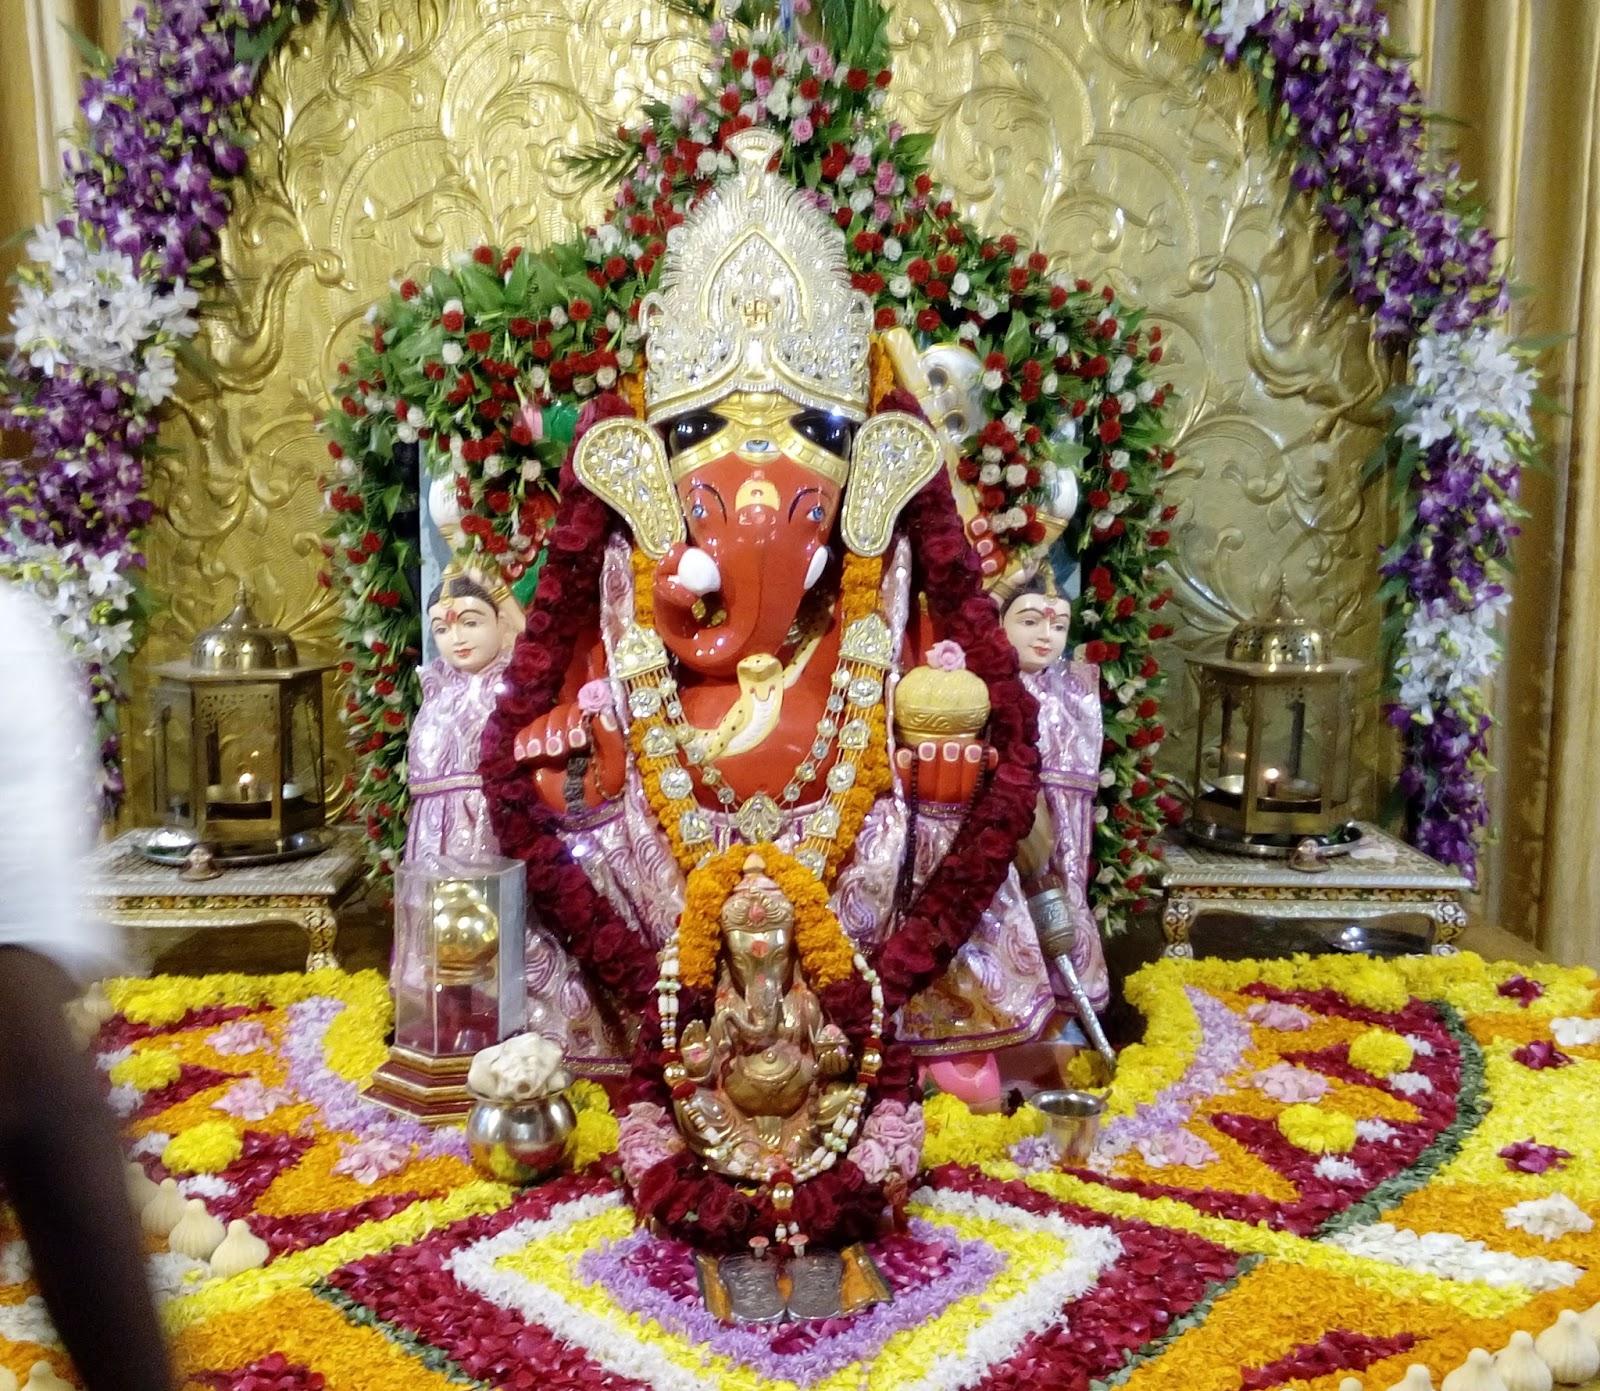 Great Wallpaper Lord Siddhivinayak - Siddhivinayak-Temple-Mahemdavad-%2BGanesha%2BIdol  Snapshot_46845.jpg